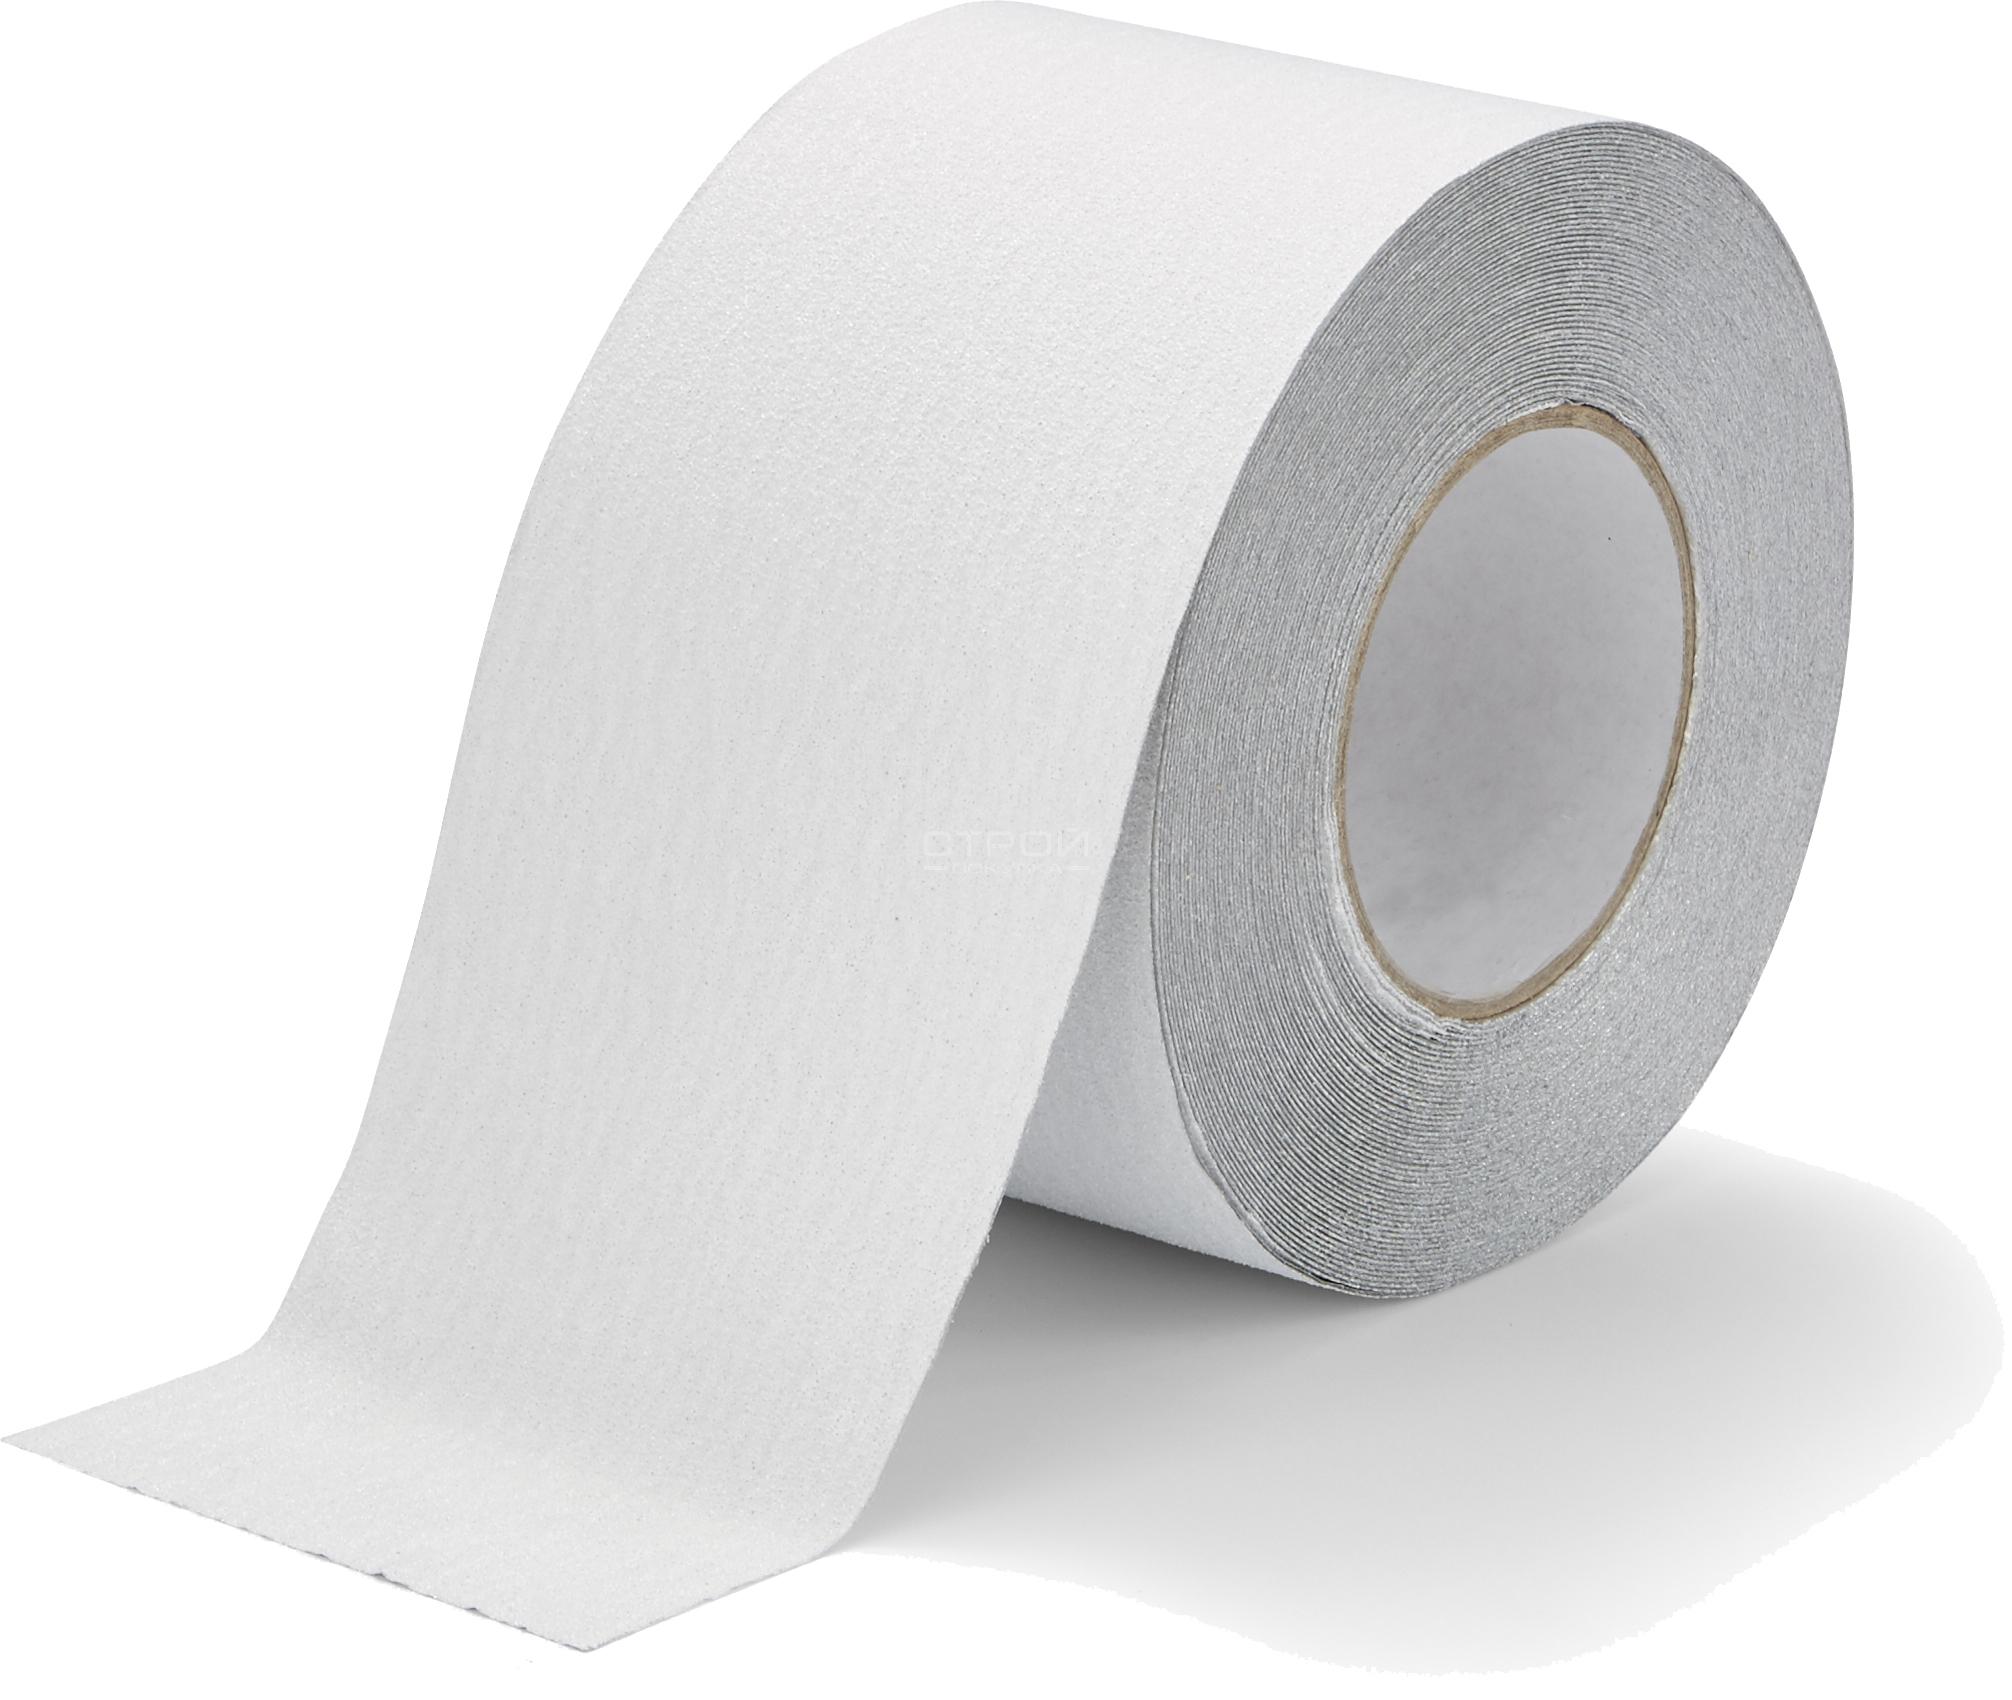 Белая противоскользящая абразивная лента на ступени шириной 10 см